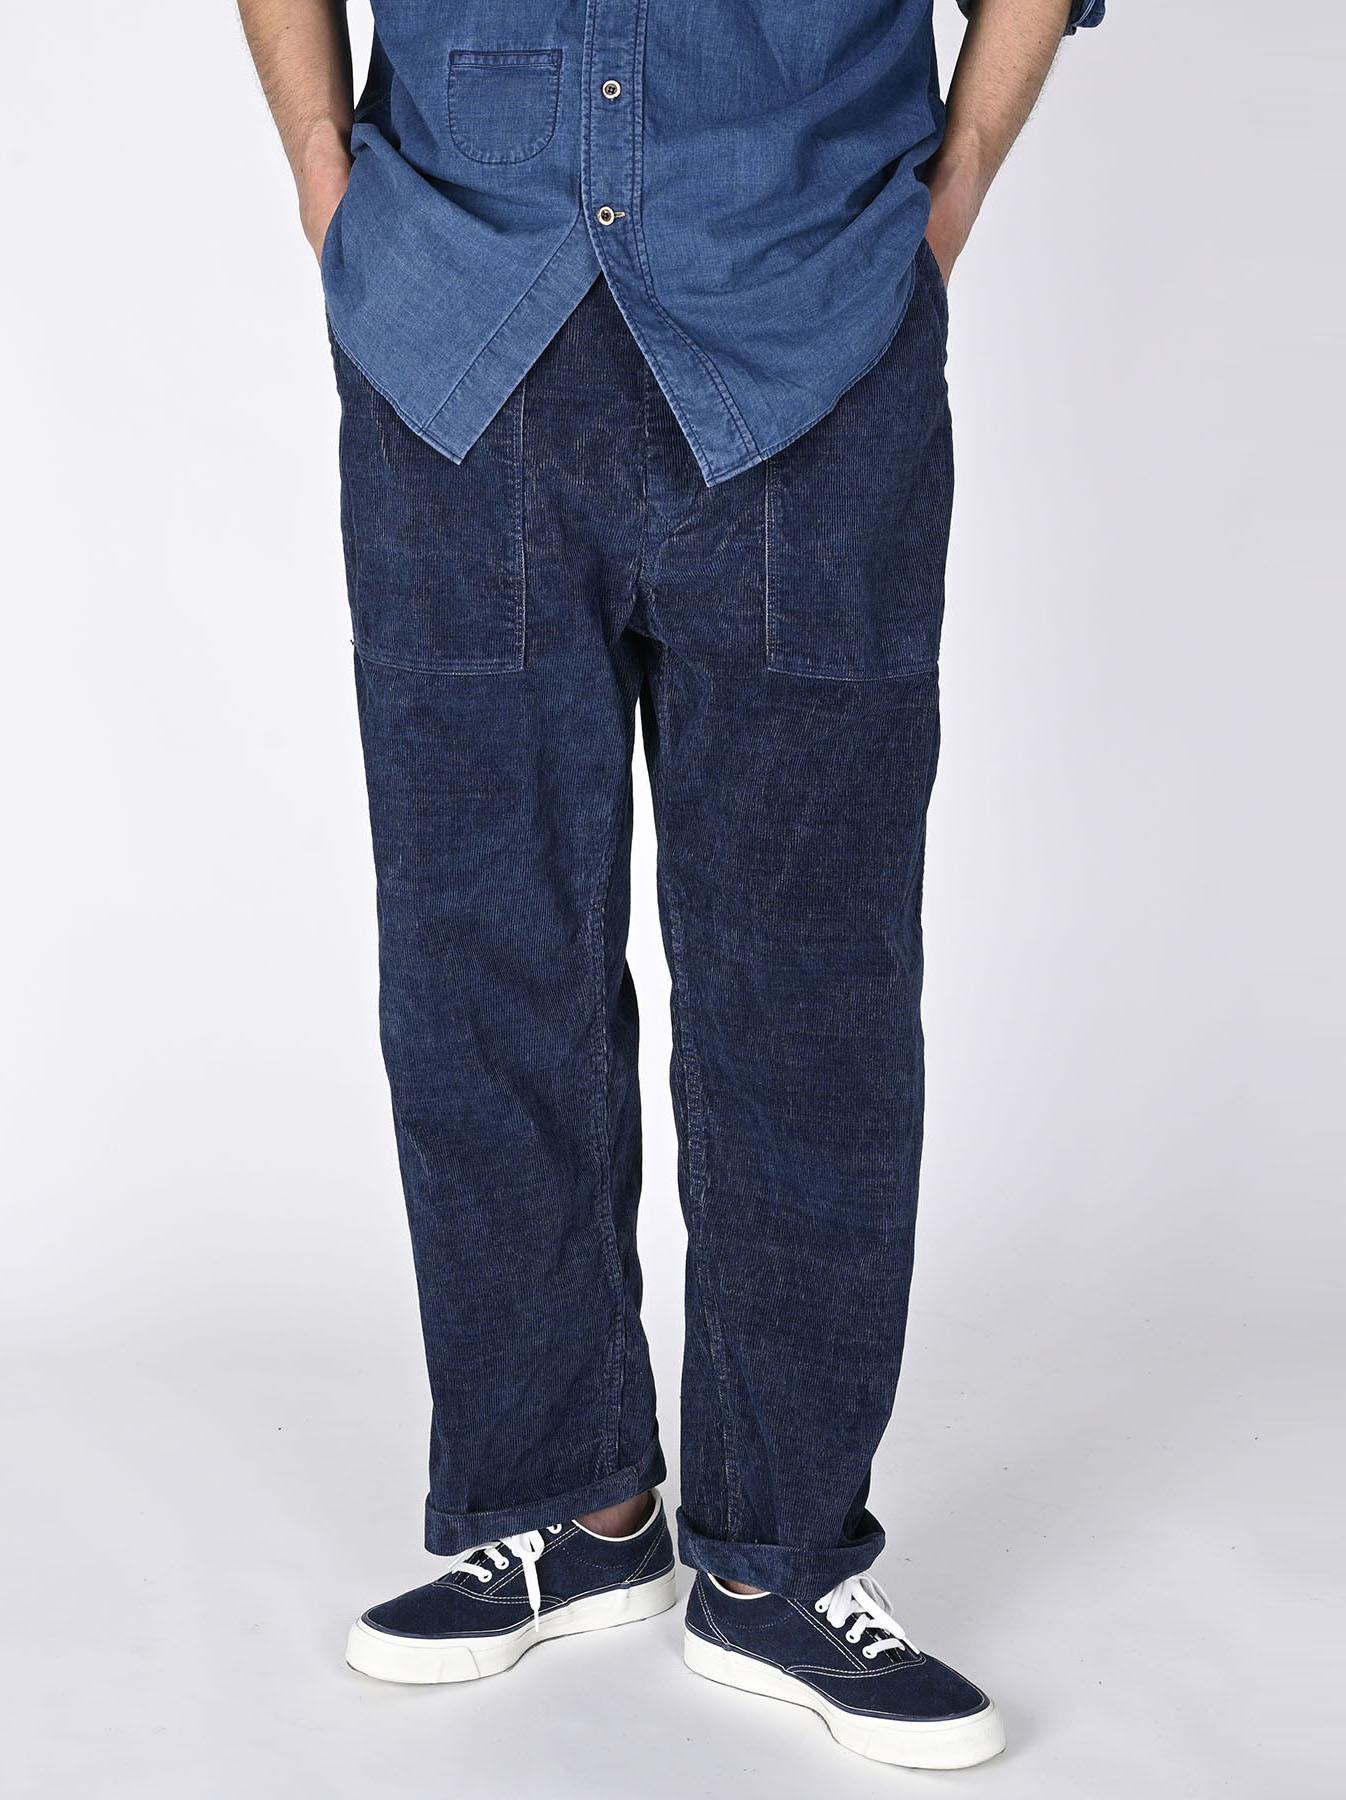 Indigo Corduroy 908 Baker Pants-5